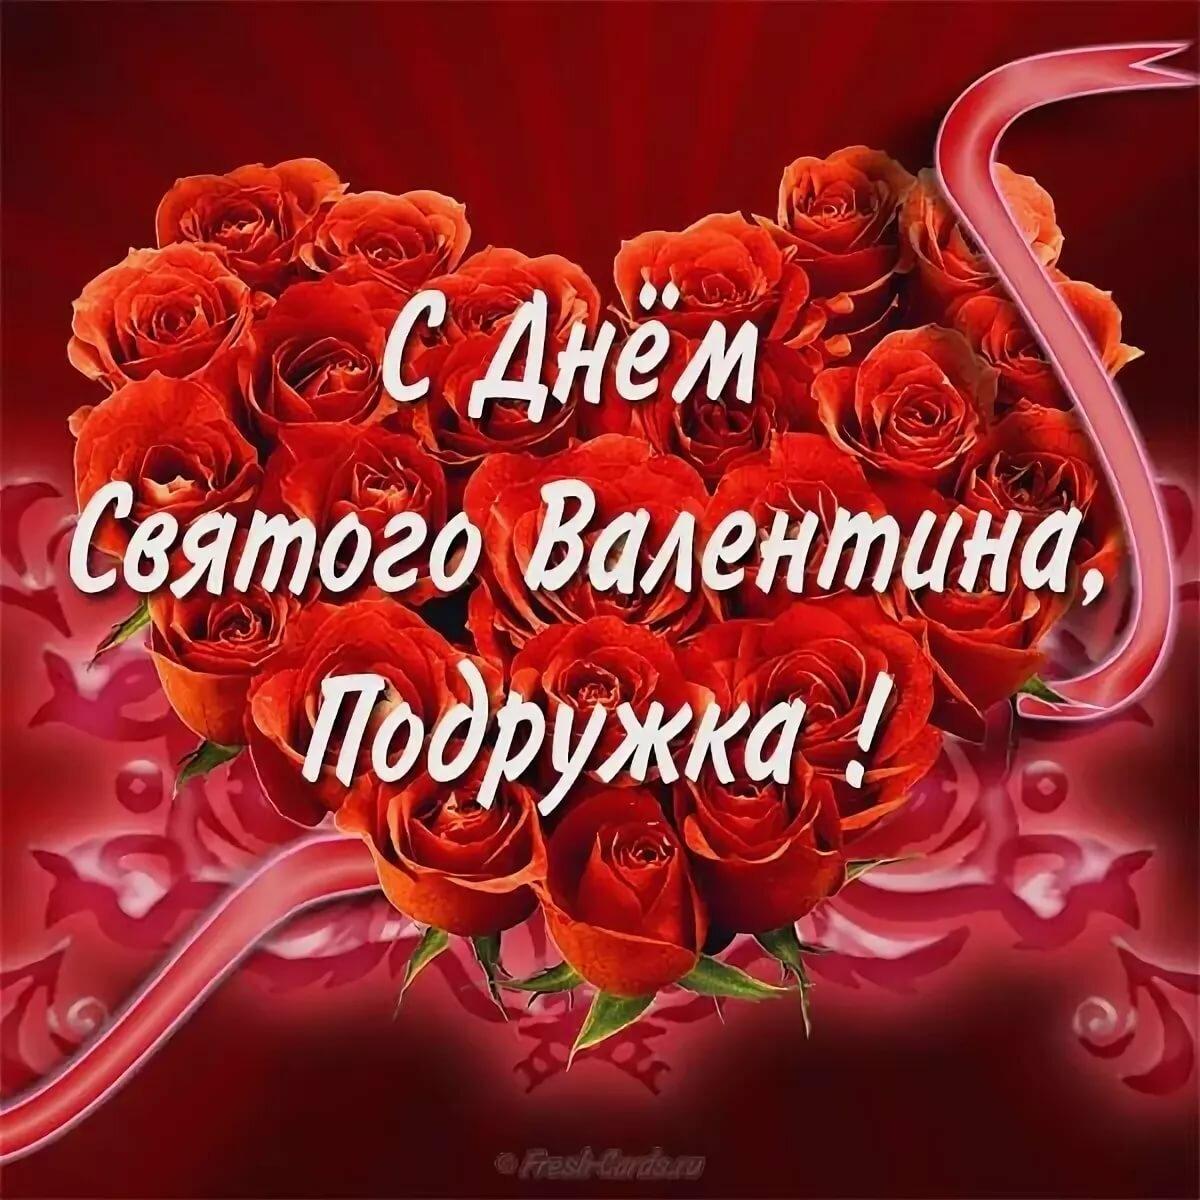 дело что красивые картинки с днем святого валентина подруге слова встречаются